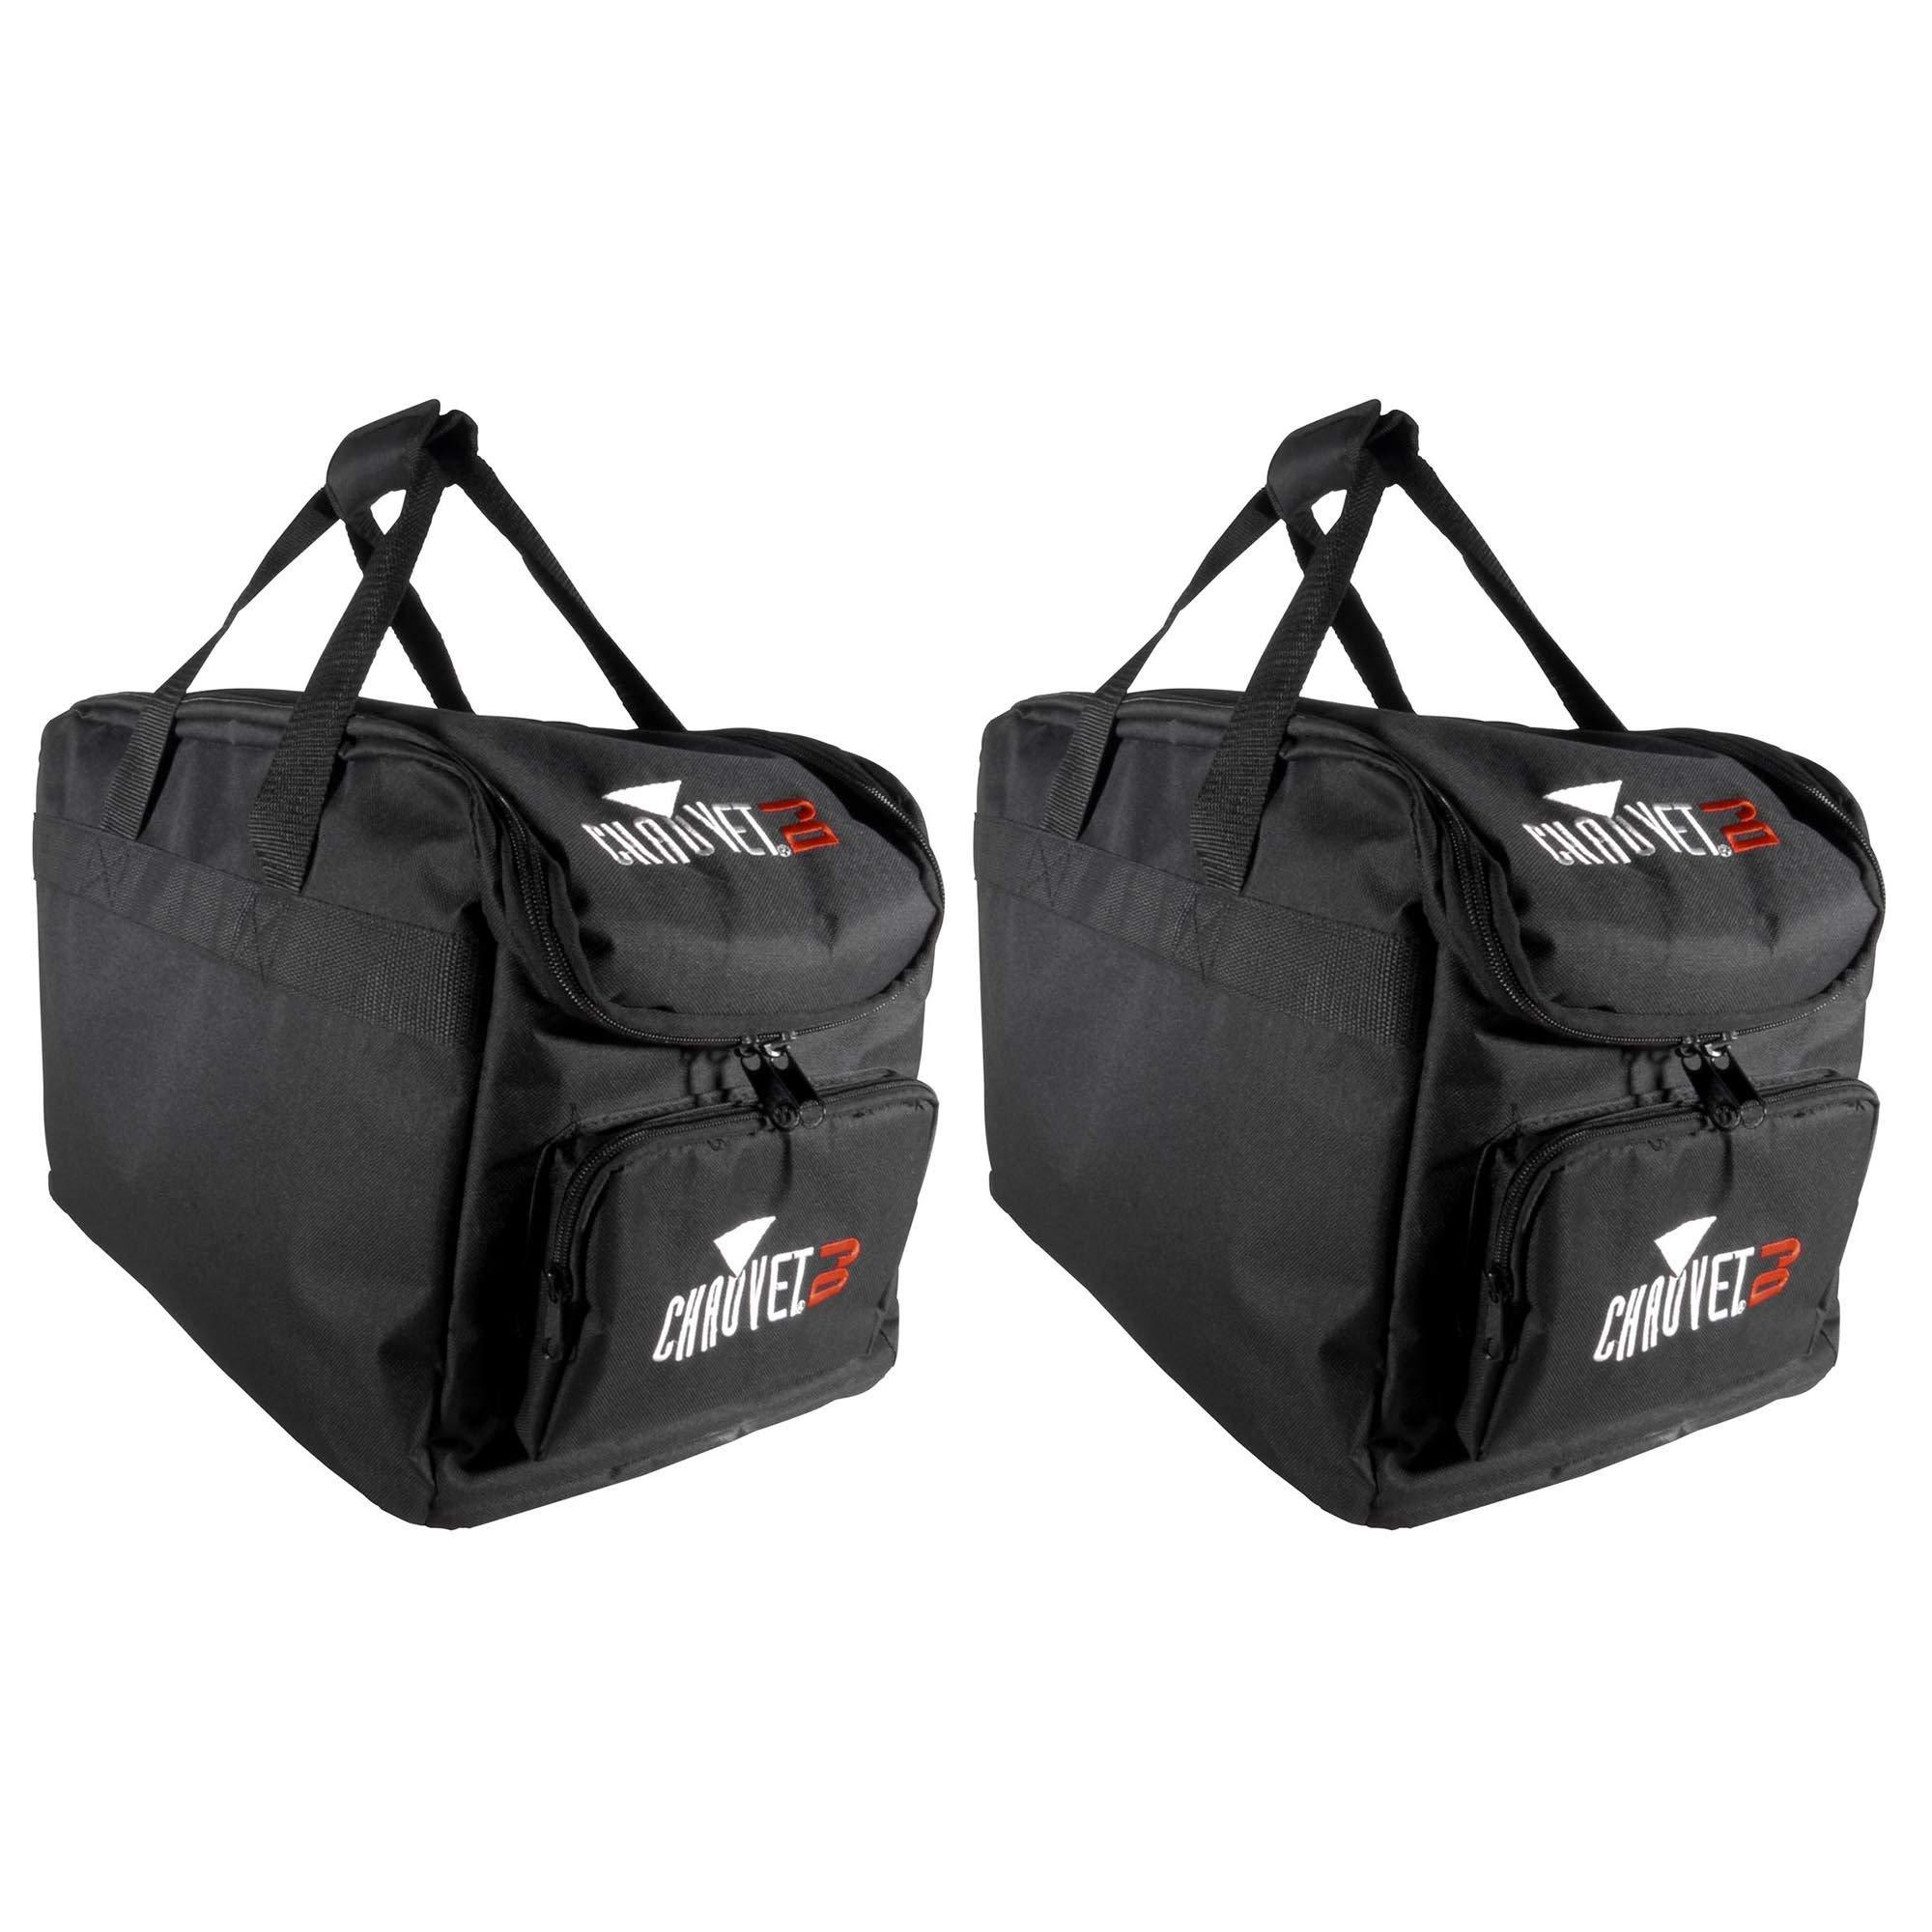 Chauvet DJ CHS-30 VIP Gear Lighting Bag (2 Pack)